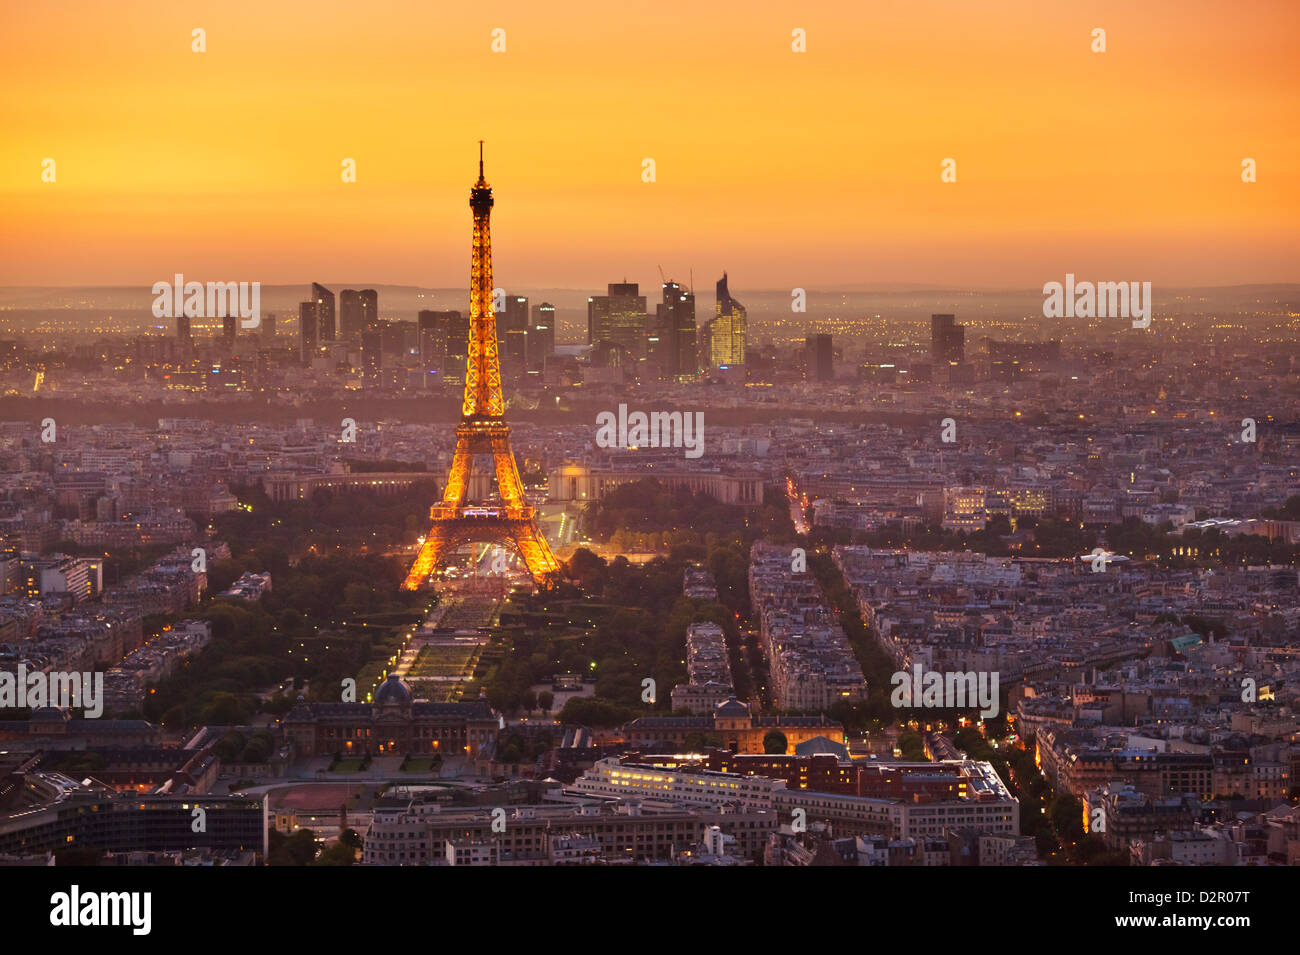 Toits de Paris au coucher du soleil avec la Tour Eiffel et La Défense, Paris, France, Europe Photo Stock